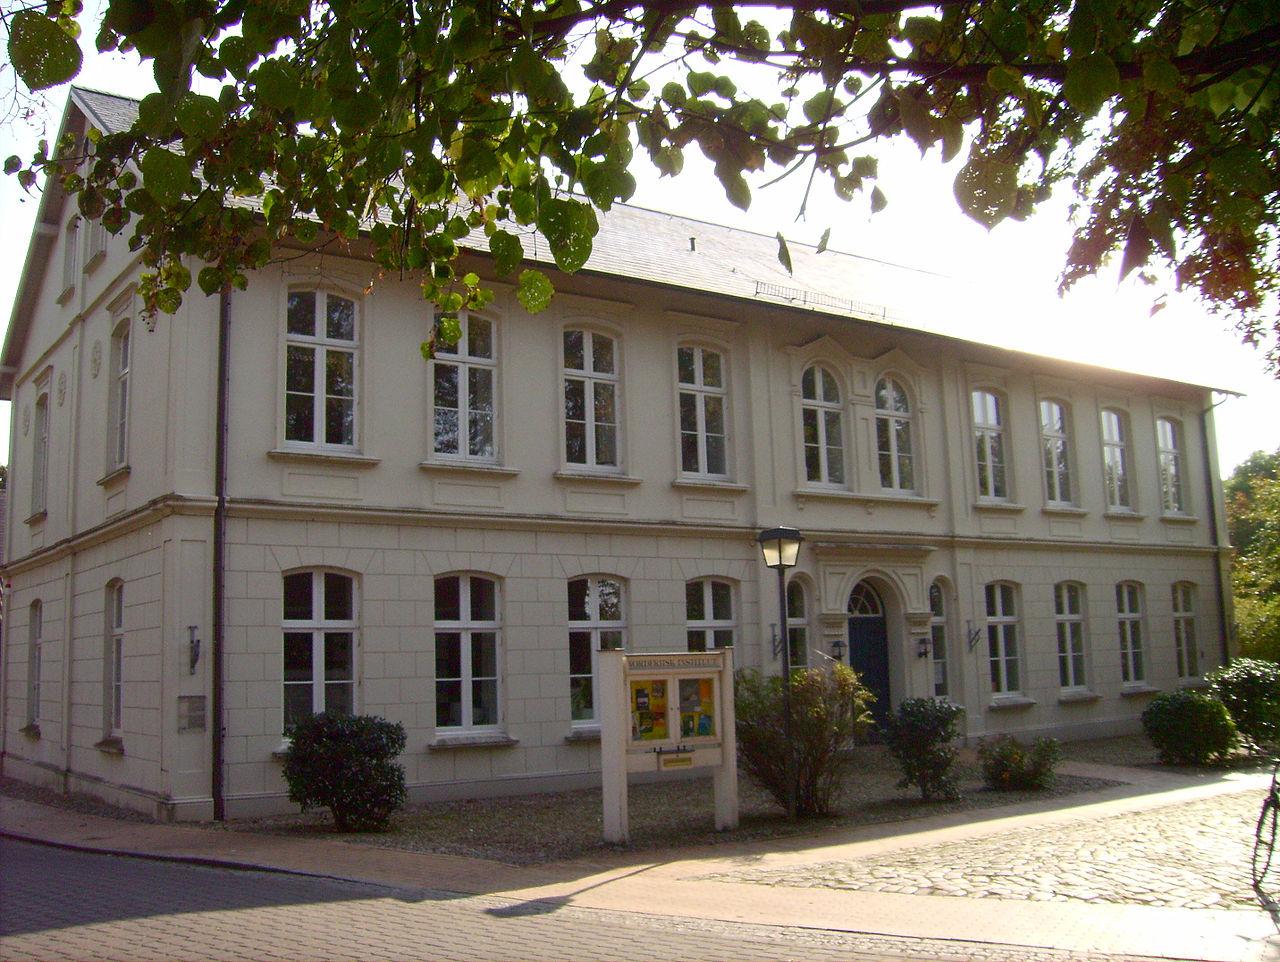 Bild Nordfriisk Instituut Bredstedt